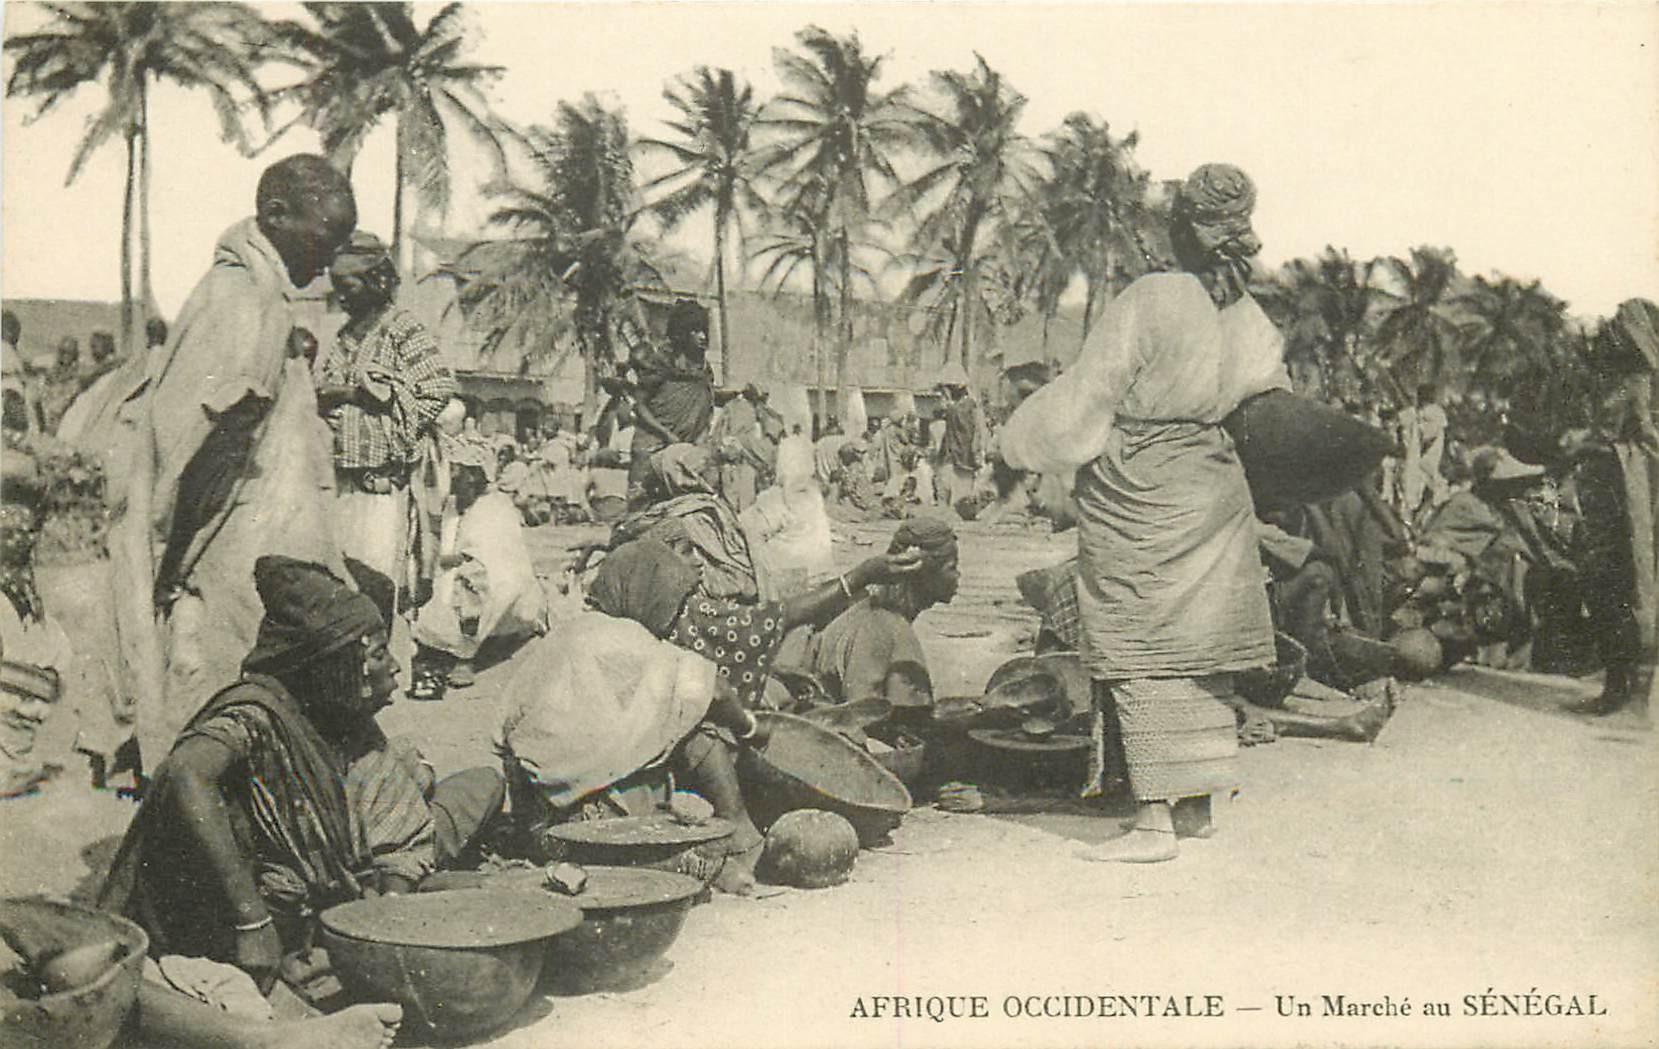 SENEGAL. Un Marché